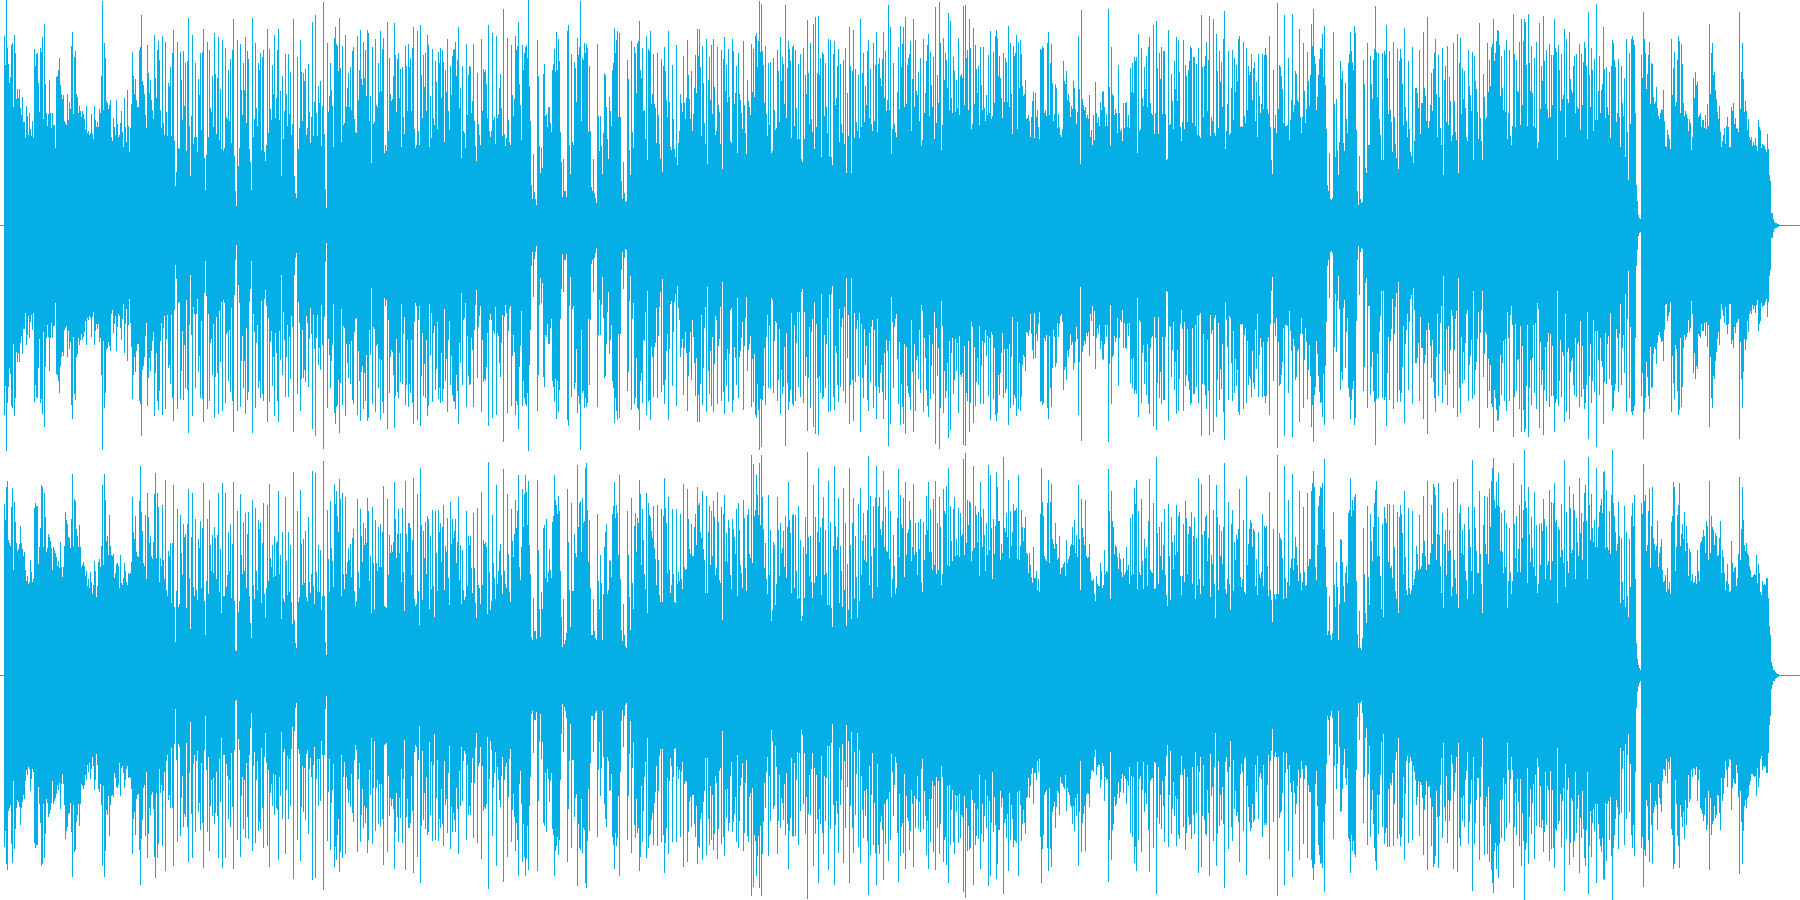 トランペットやドラムの高揚感あふれる楽曲の再生済みの波形